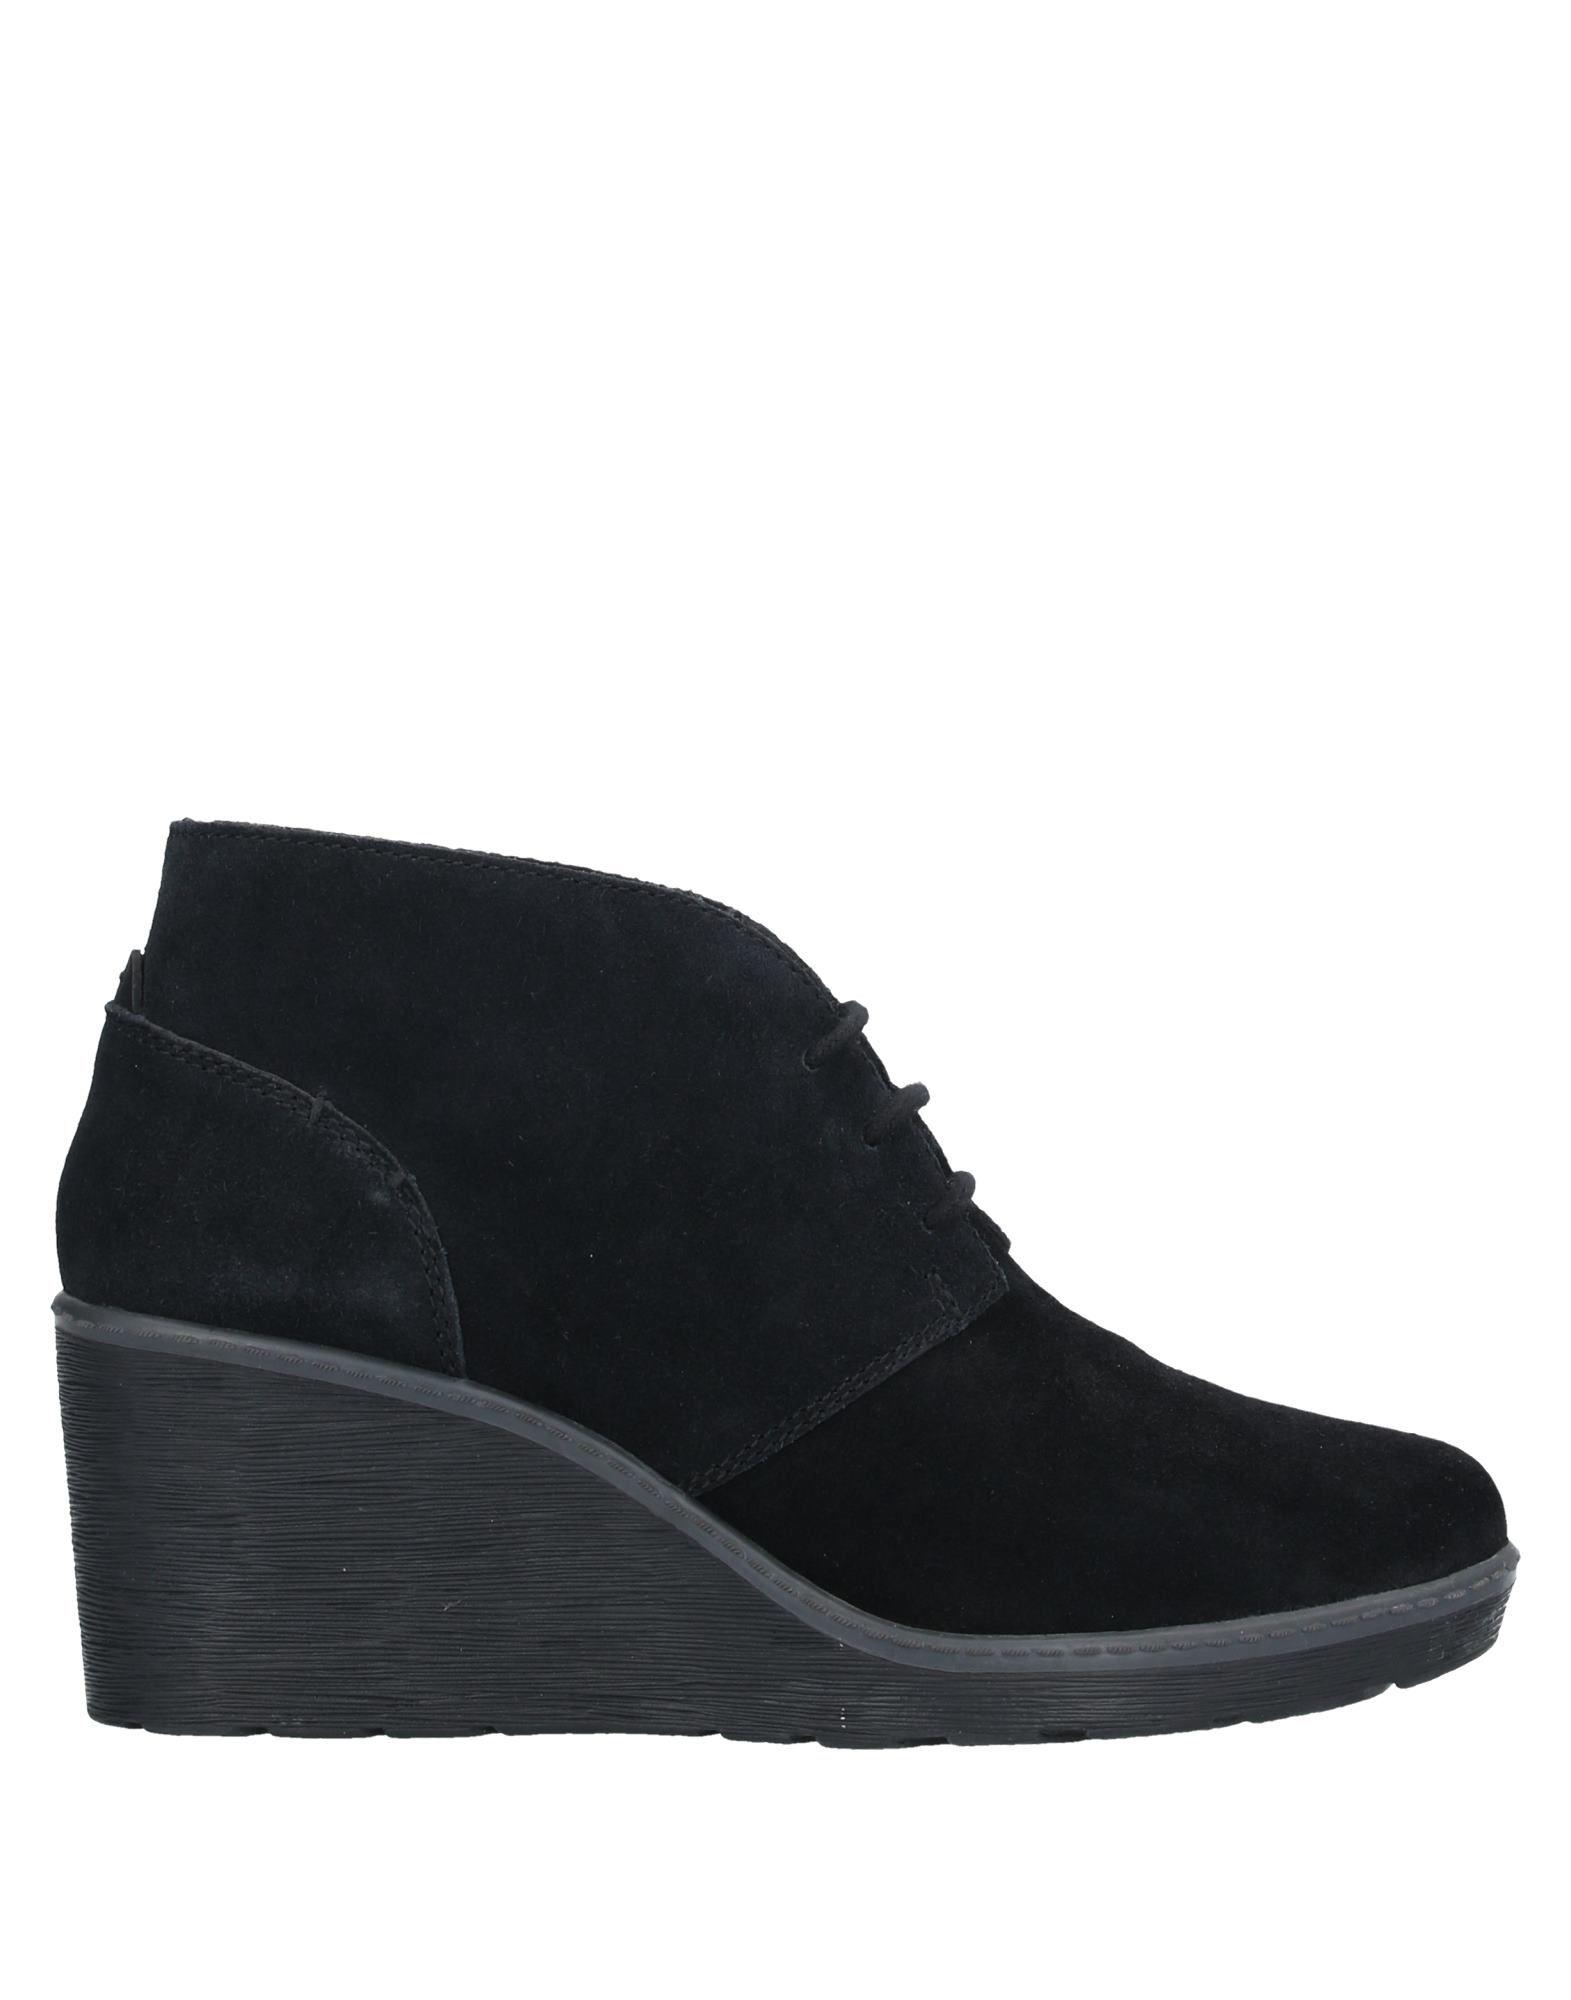 Фото - CLARKS Обувь на шнурках clarks обувь на шнурках